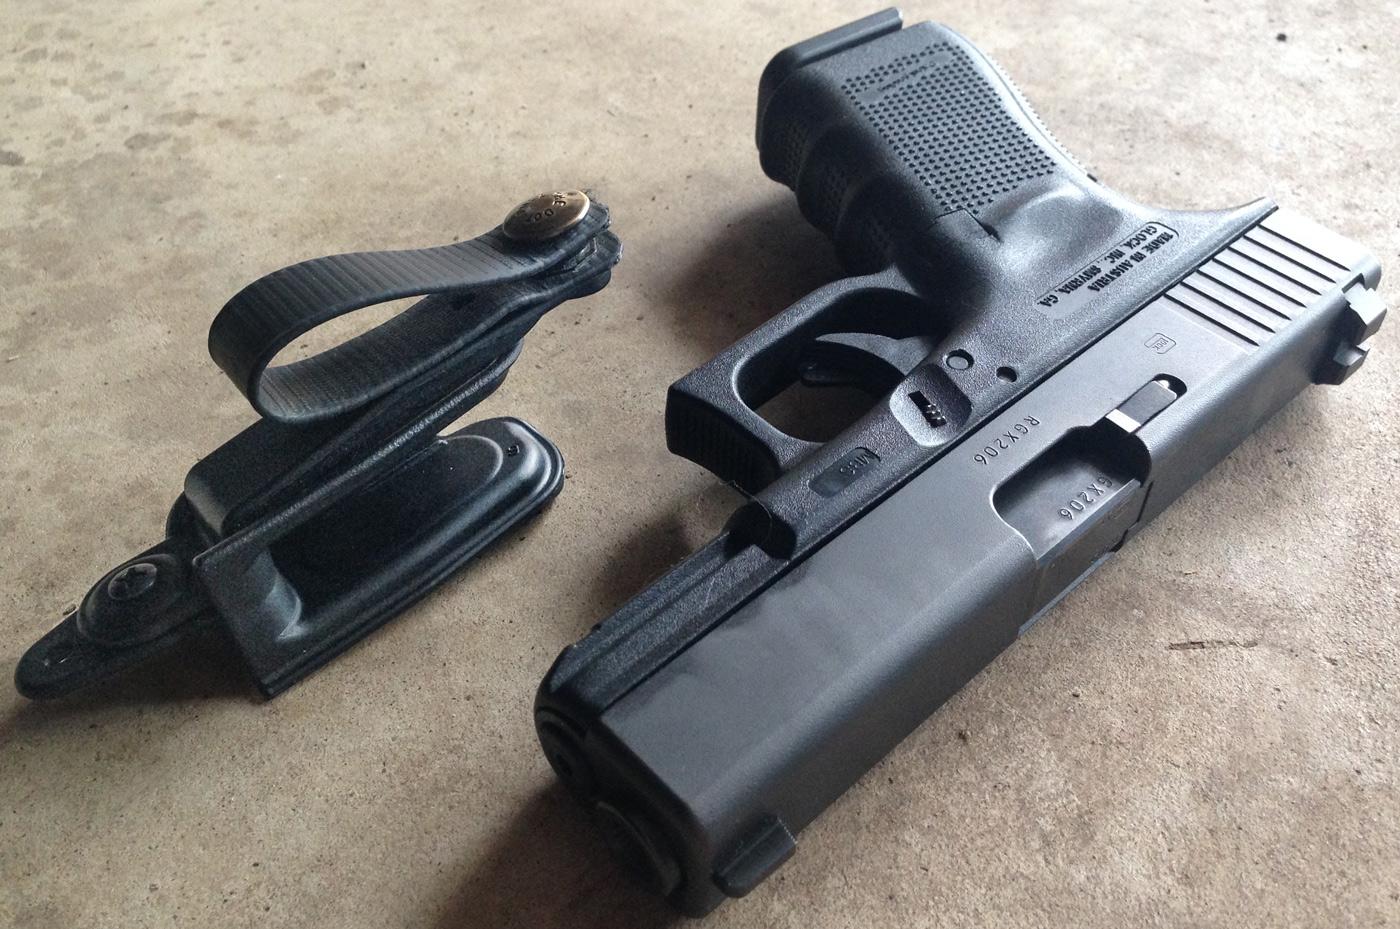 Drawn pistol glock 19 Raven 19 992 4 holser